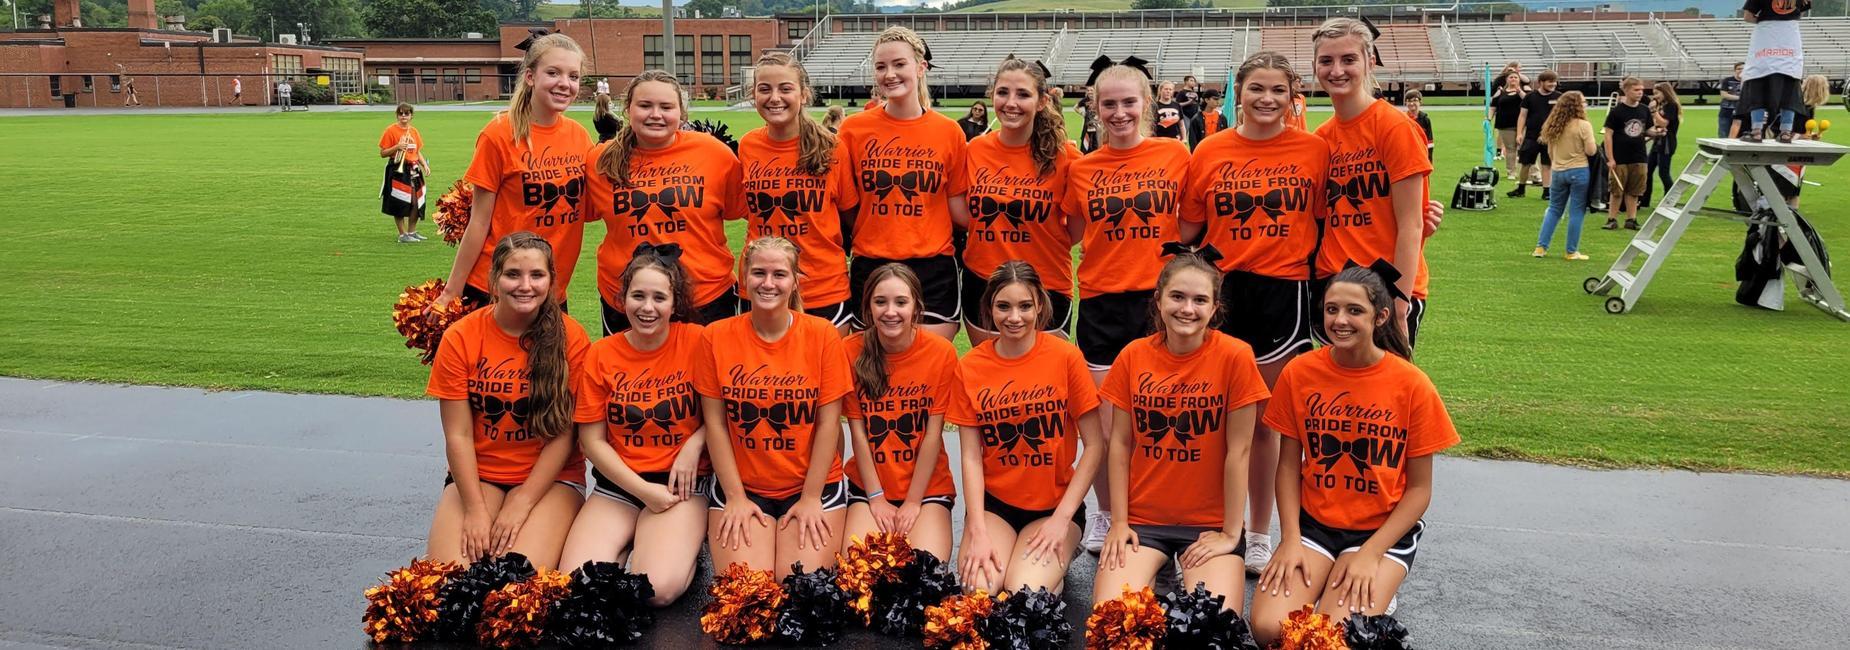 Chilhowie HS Cheer Team